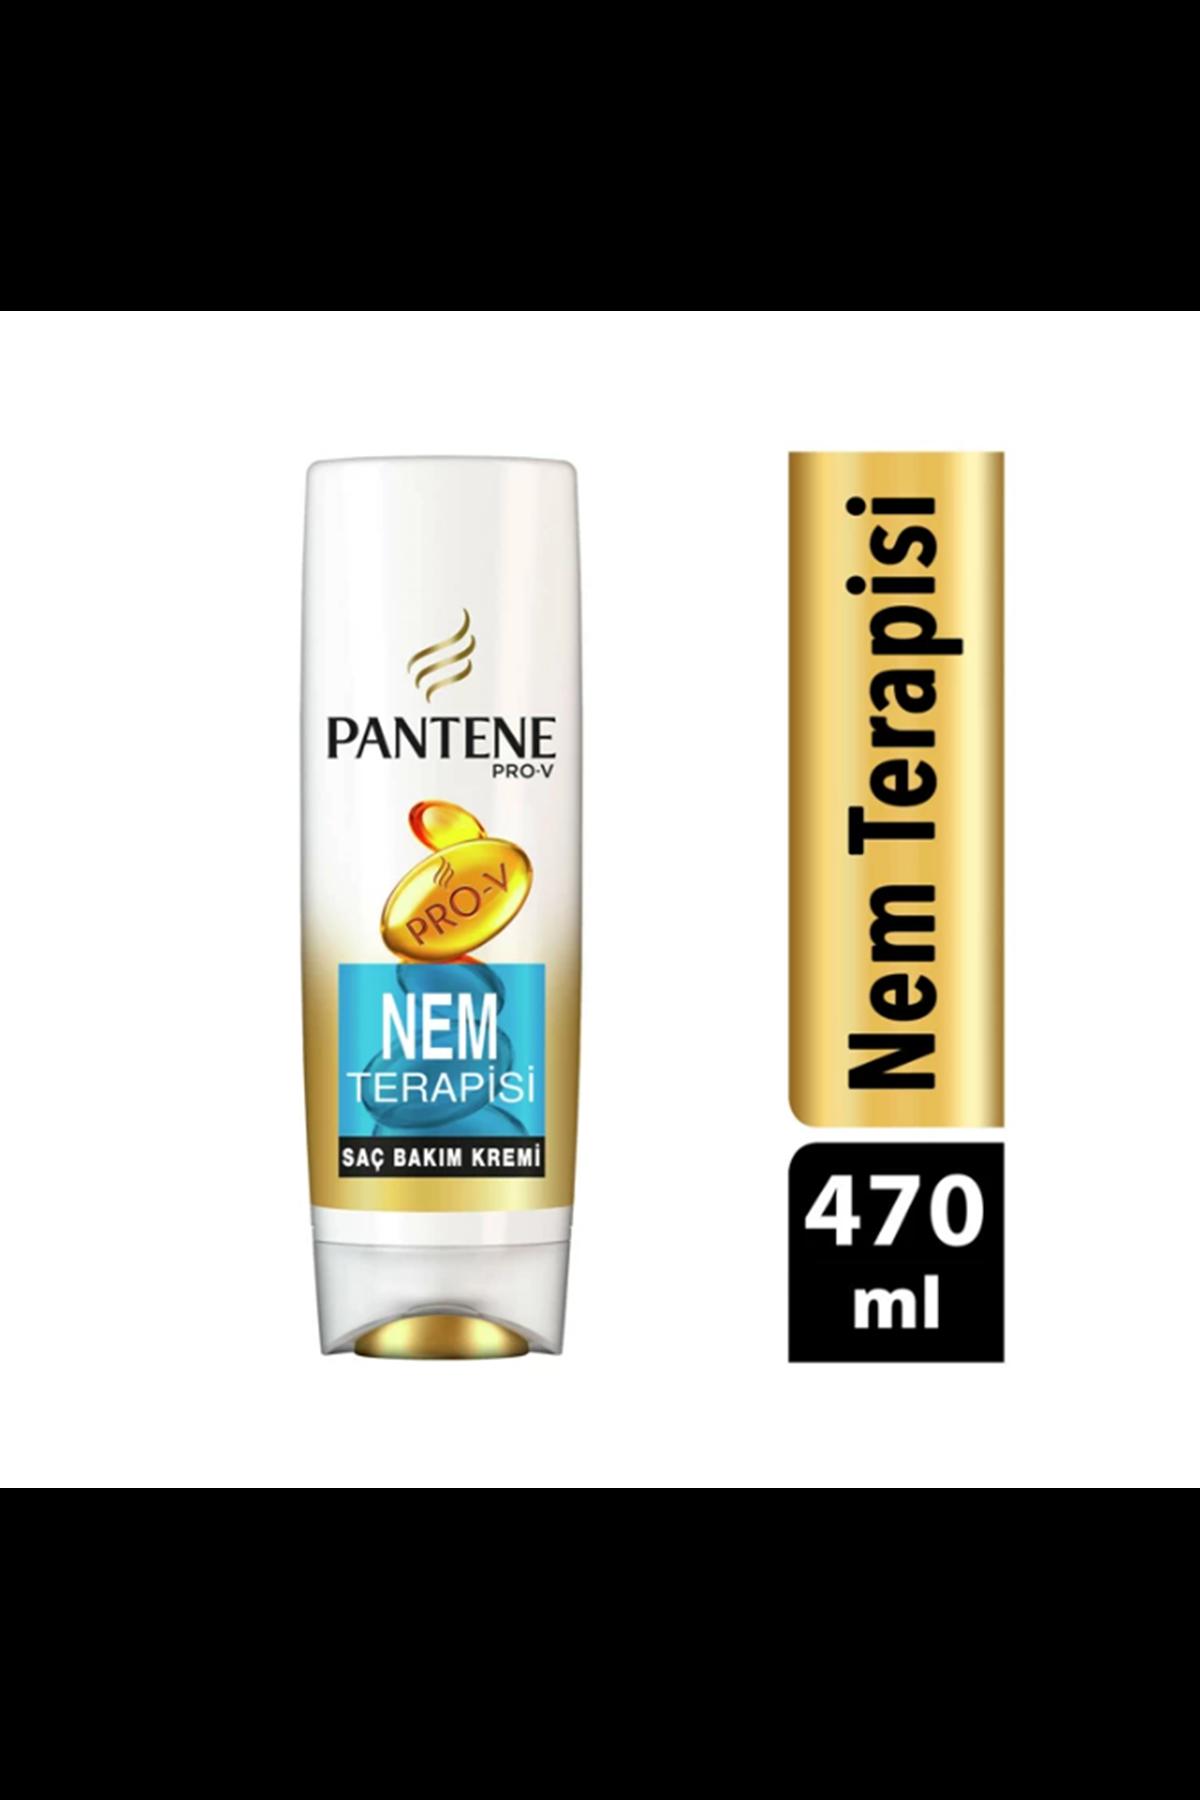 Pantene Saç Bakım Kremi 470 ML Nem Terapisi